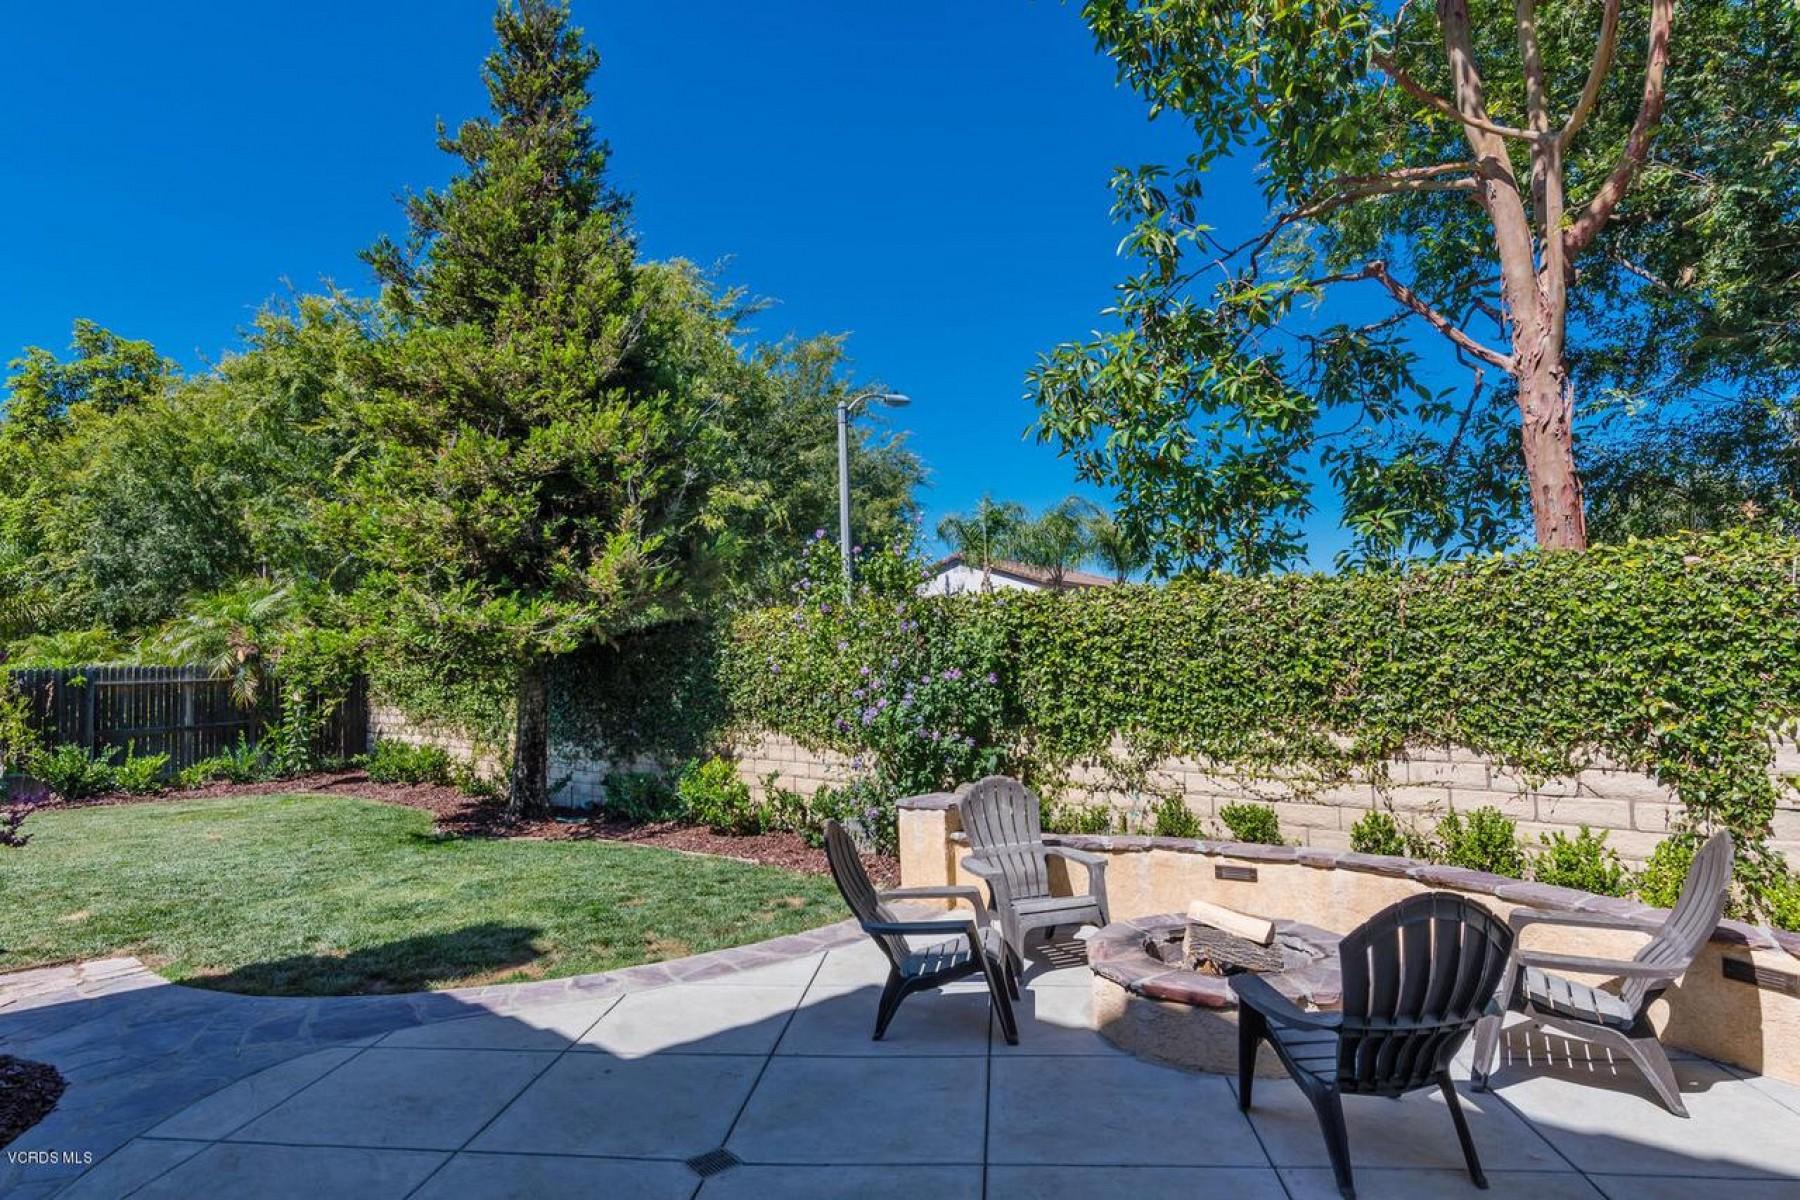 4817 Calle Descanso - Mission Oaks, Camarillo, CA 93012